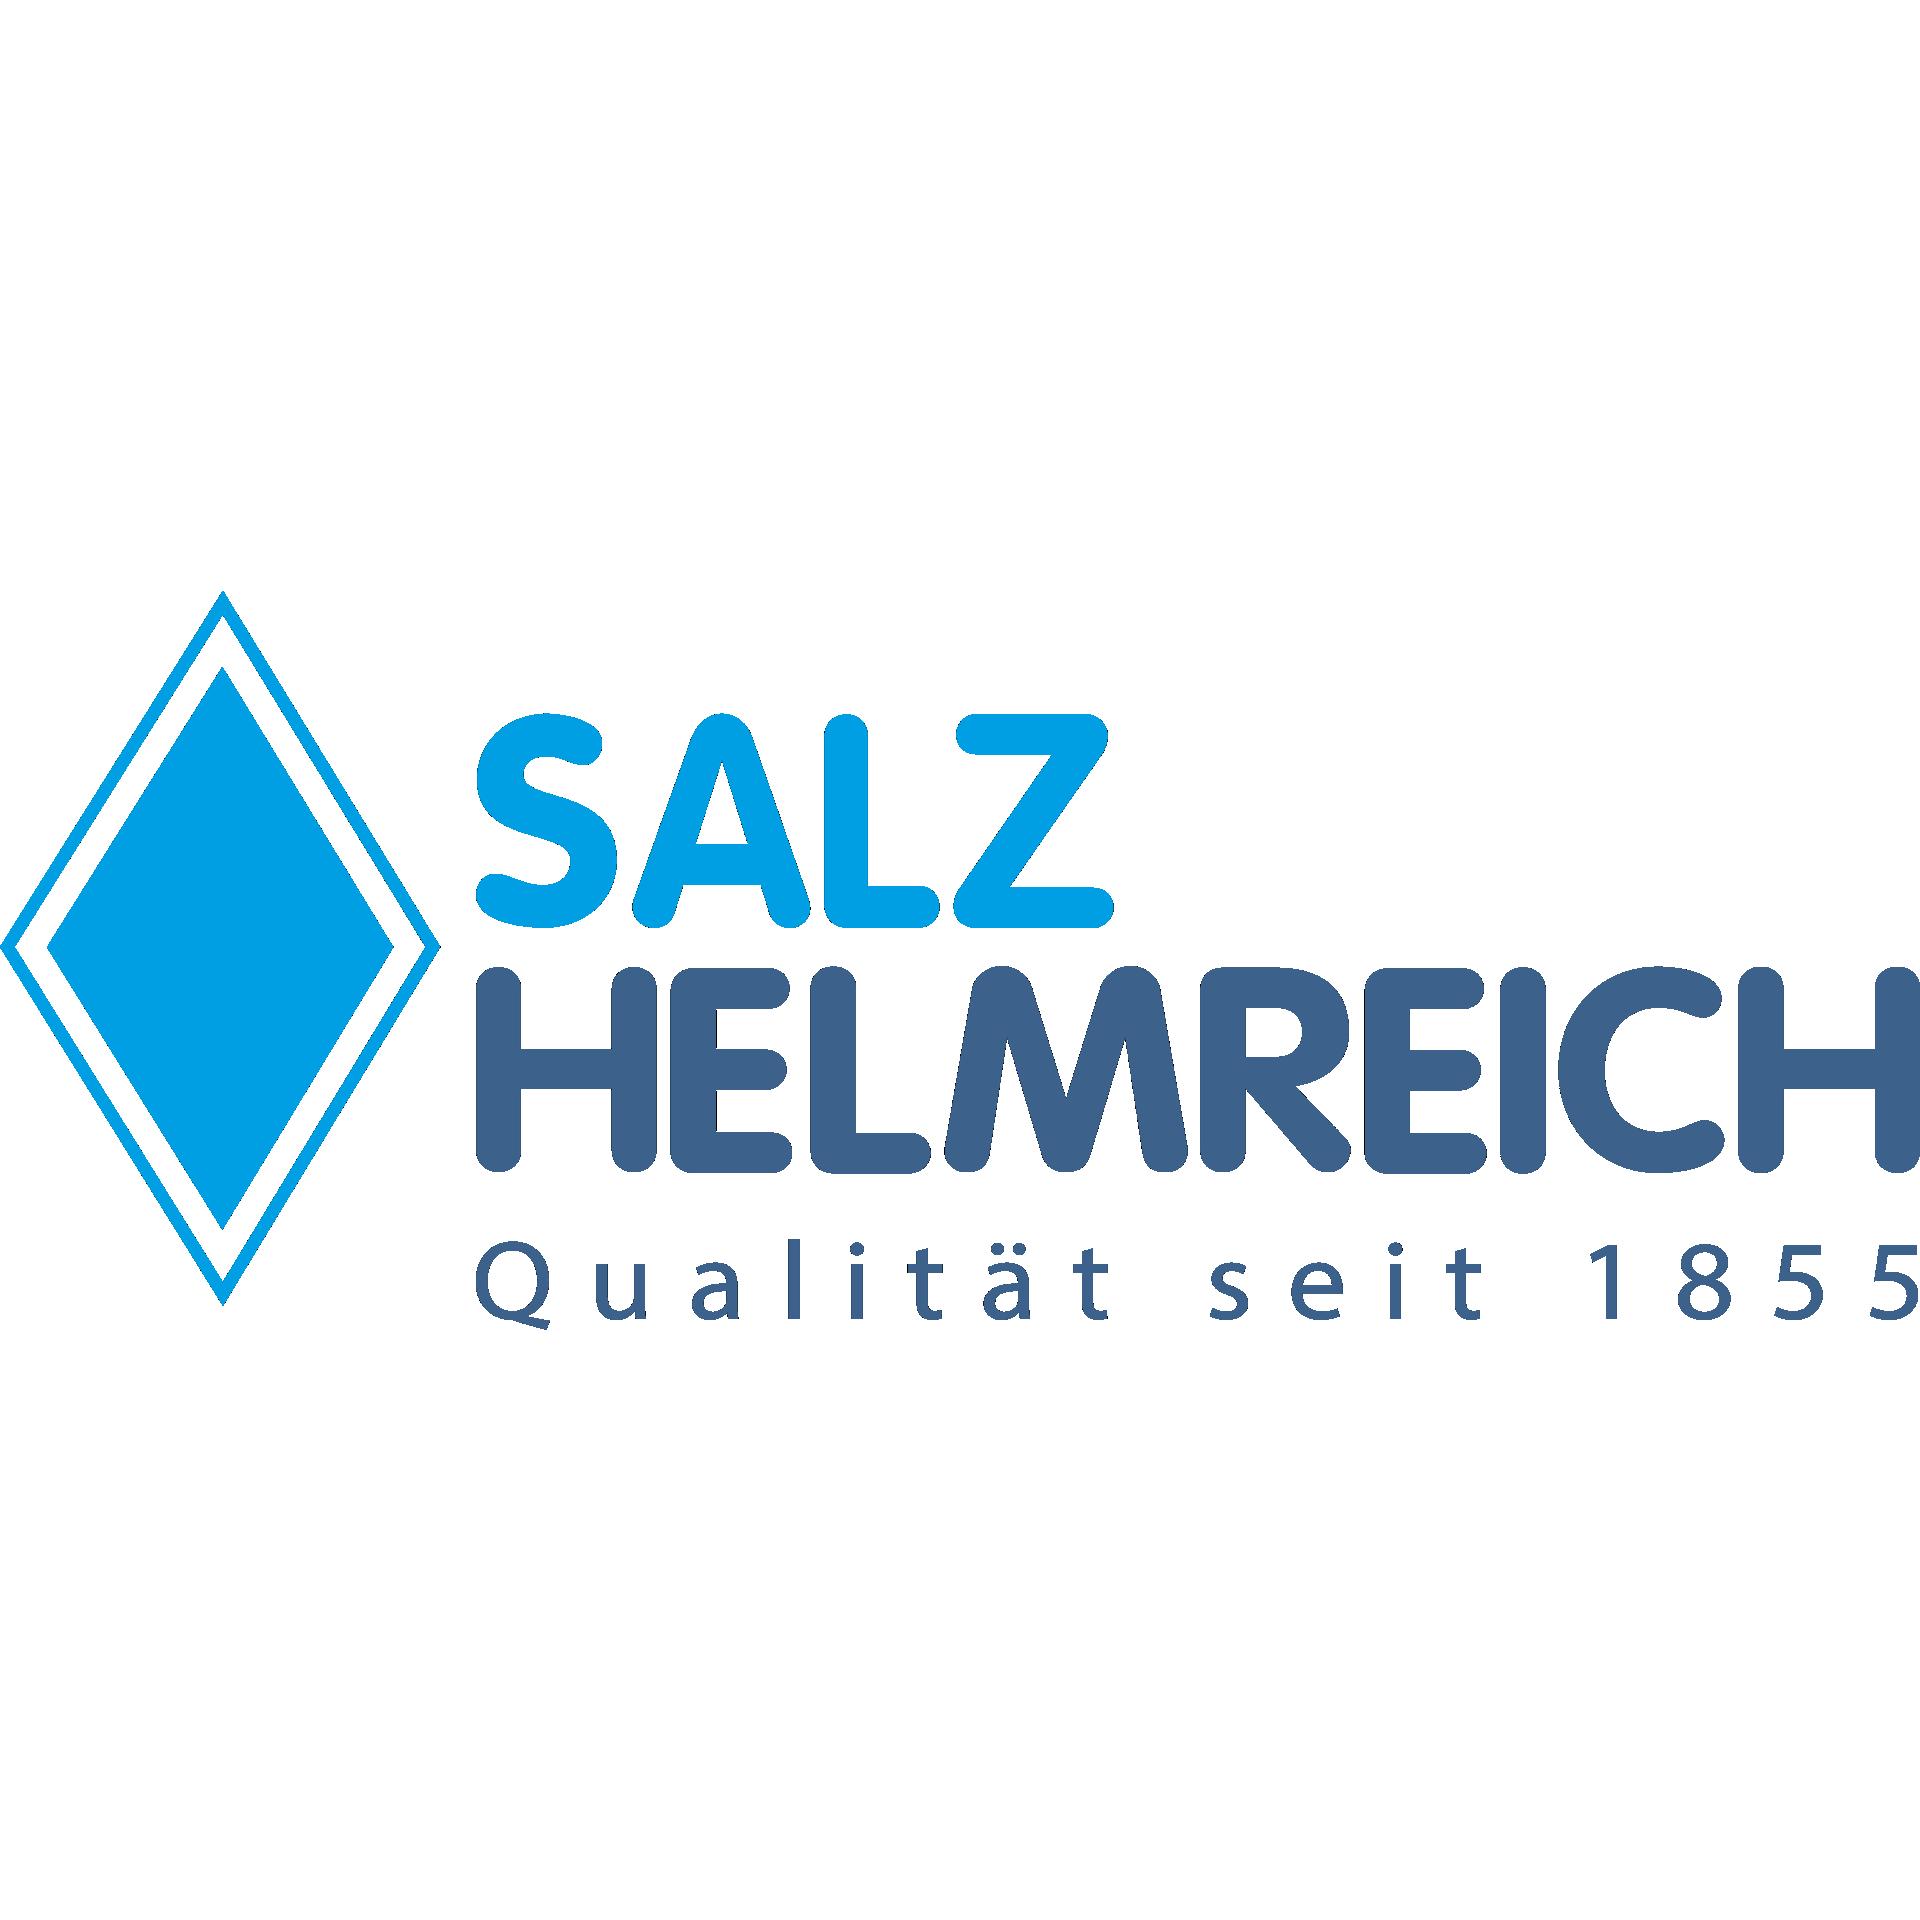 Salz Helmreich Natriumreduziertes Nitritpökelsalz mit 0,5-0,6% Nitrit jodiert im 25kg Sack 33242-30